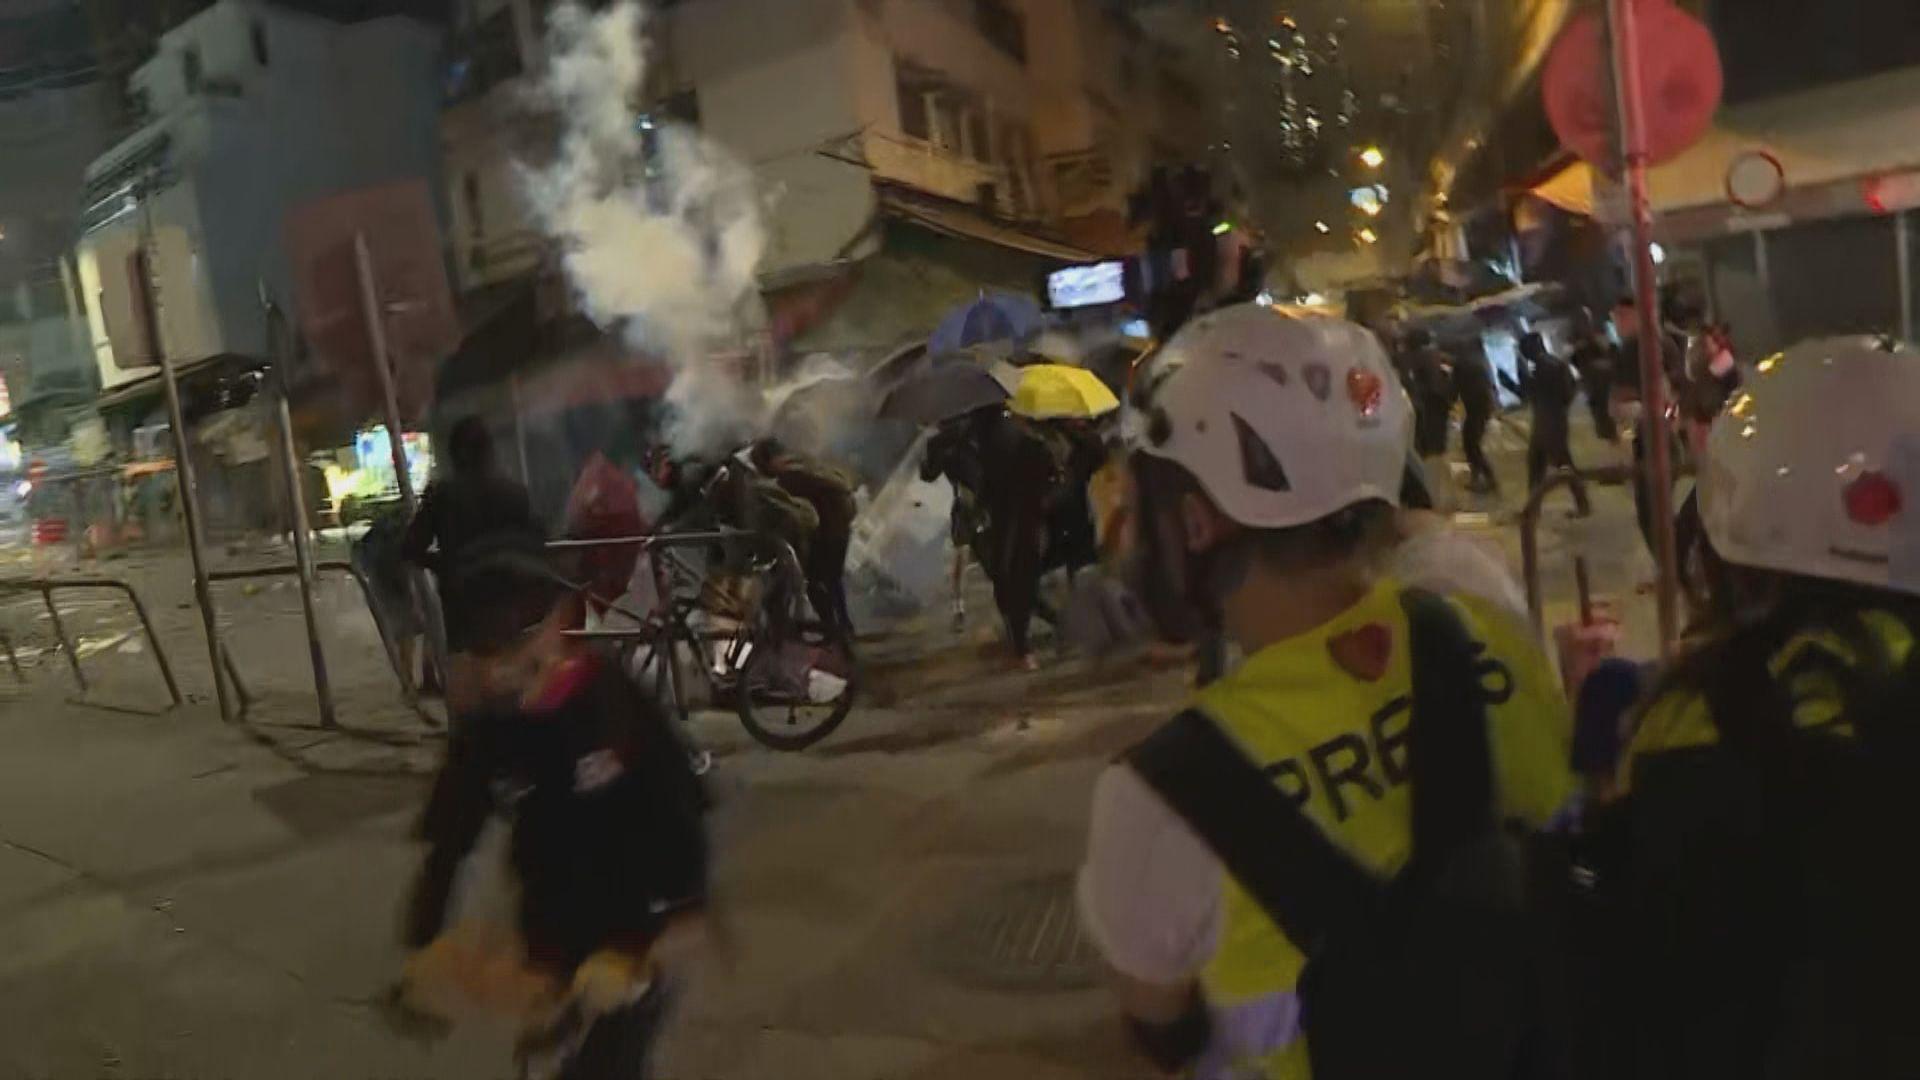 元朗示威者堵路縱火 警發多枚催淚彈